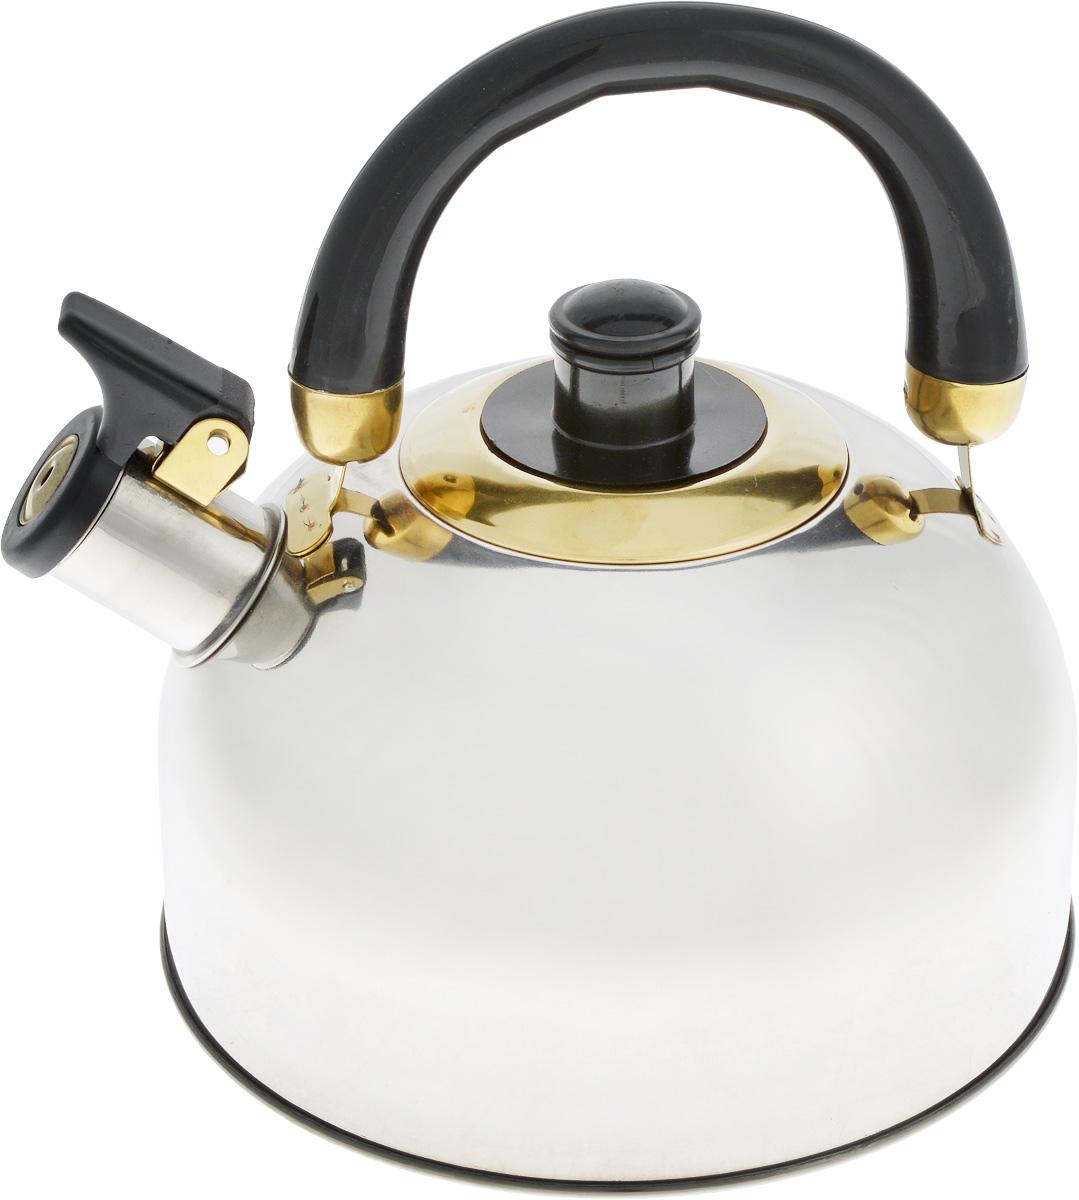 Чайник Bohmann, со свистком, 2,8 лFS-80299Чайник Bohmann изготовлен из нержавеющей хромоникелевой стали с зеркальной полировкой. Высококачественная сталь представляет собой материал, из которого в течение нескольких десятилетий во всем мире производятся столовые приборы, кухонные инструменты и различные аксессуары. Этот материал обладает высокой стойкостью к коррозии и кислотам. Прочность, долговечность и надежность этого материала, а также первоклассная обработка обеспечивают практически неограниченный запас прочности и неизменно привлекательный внешний вид. Чайник оснащен удобной ручкой из бакелита черного цвета. Ручка не нагревается, что предотвращает появление ожогов и обеспечивает безопасность использования. Носик чайника имеет откидной свисток для определения кипения. Можно использовать на всех типах плит, включая индукционные. Можно мыть в посудомоечной машине. Диаметр (по верхнему краю): 8,5 см.Высота чайника (без учета ручки): 11 см.Высота чайника (с учетом ручки): 20 см.Диаметр основания: 11,5 см.